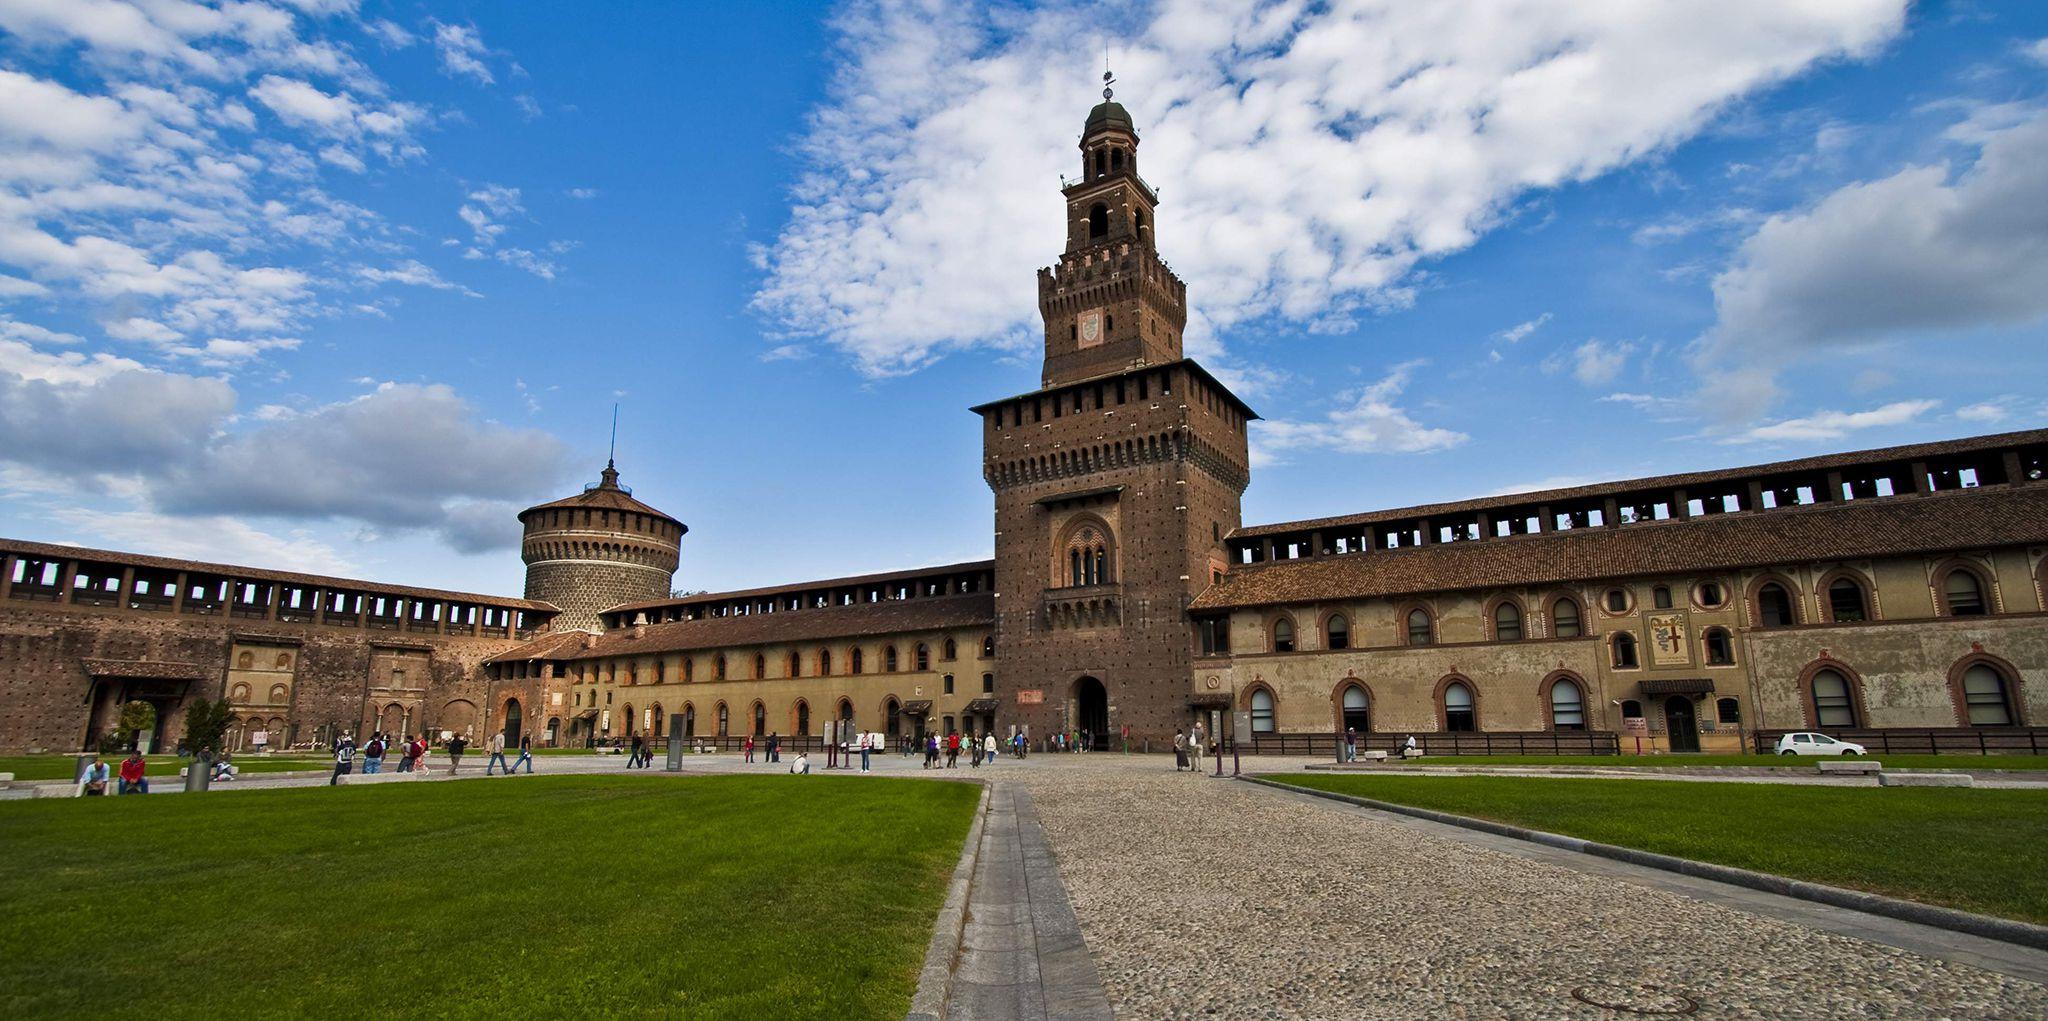 Κάστρο των Σφόρτσα (Castello Sforzesco) | TopTraveller.gr